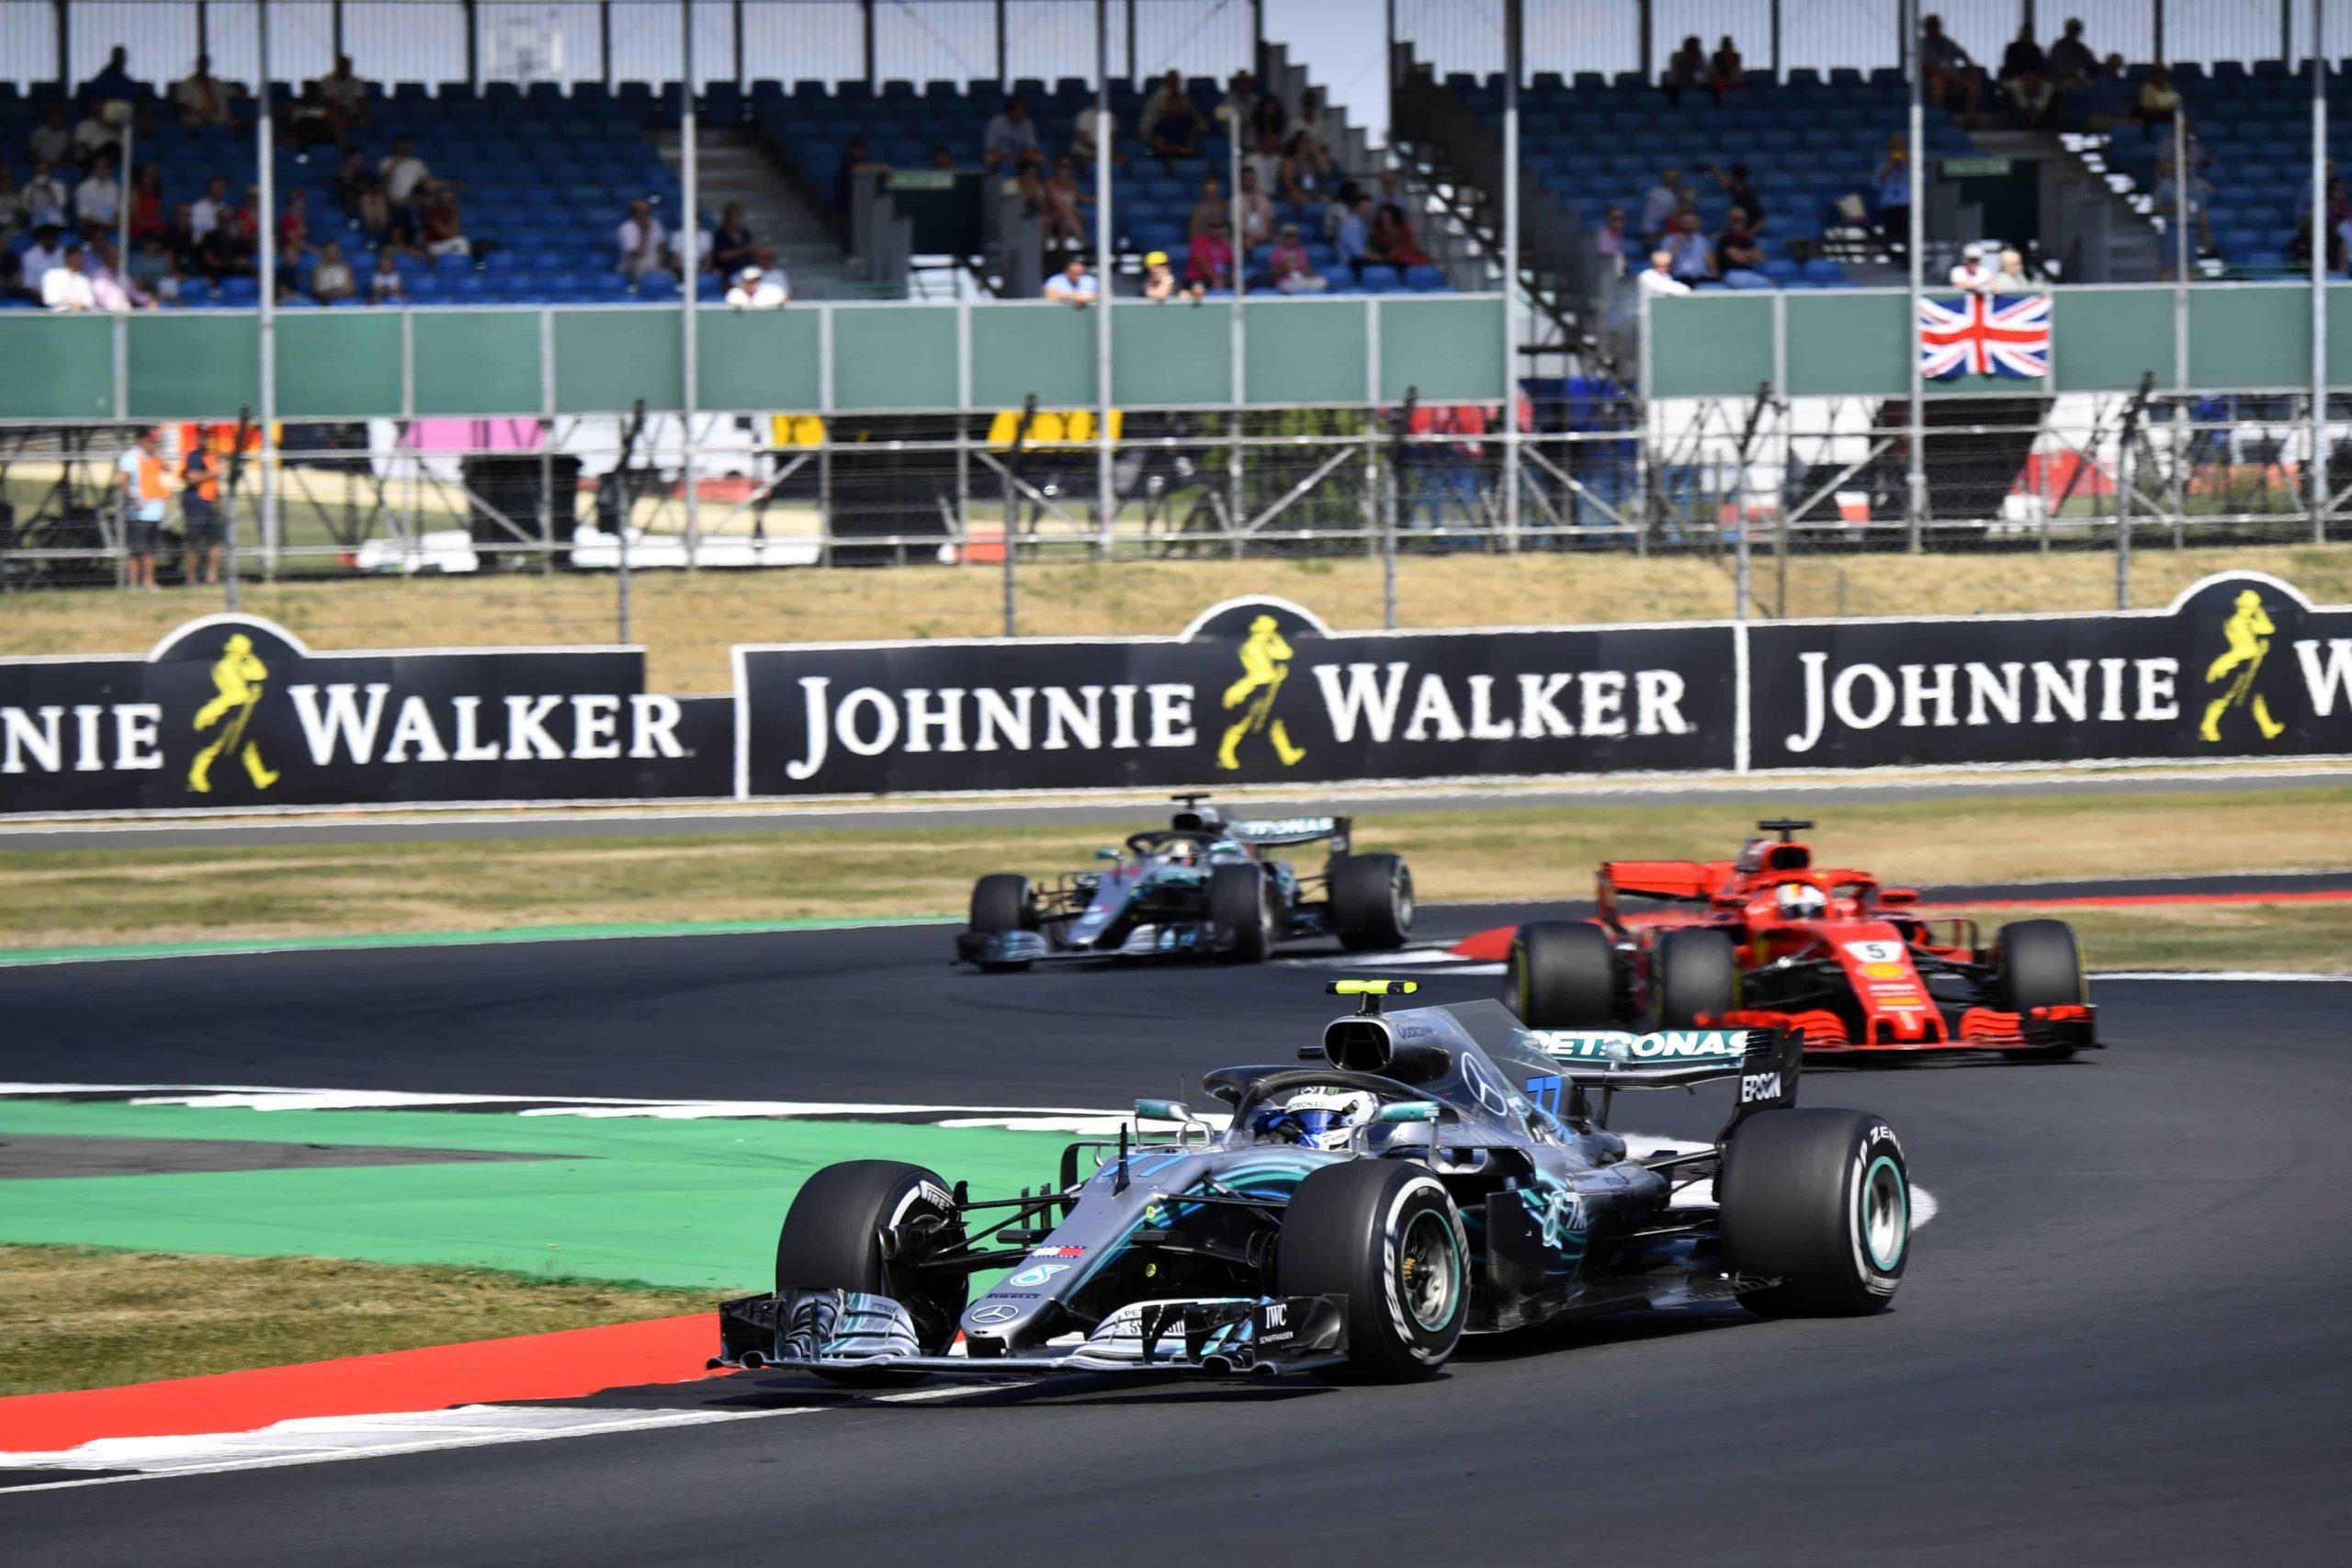 Wetten, Quoten und Sonderwetten für den Formel 1 GP in Silverstone